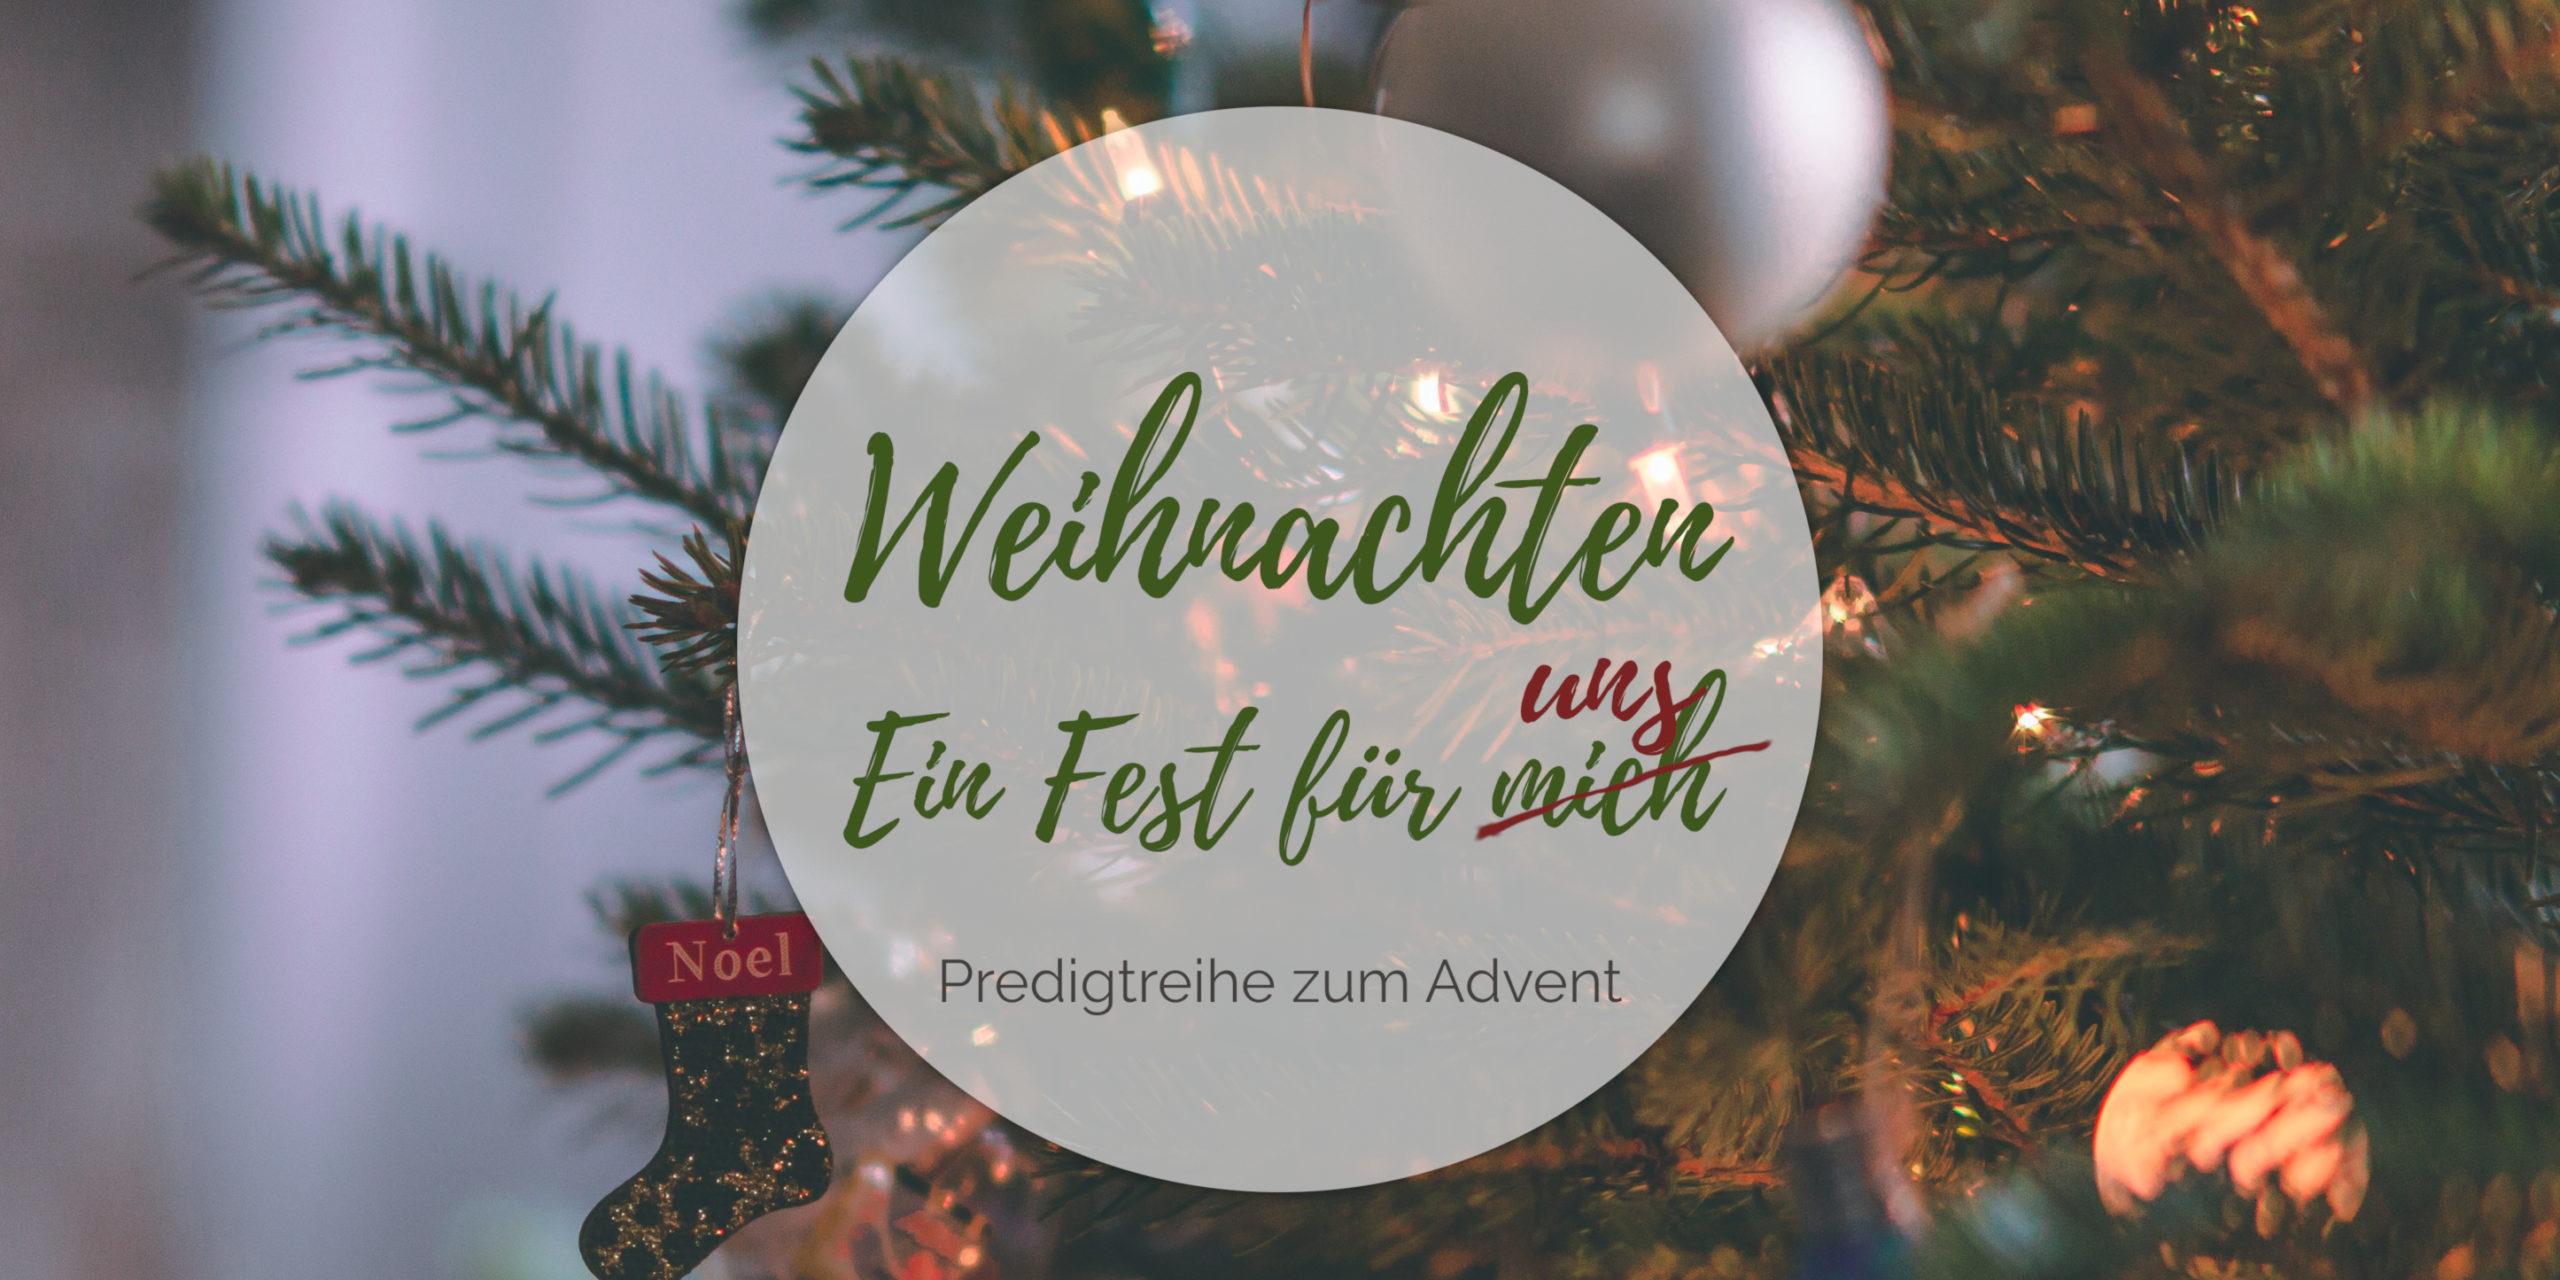 Weihnachten – Ein Fest für uns